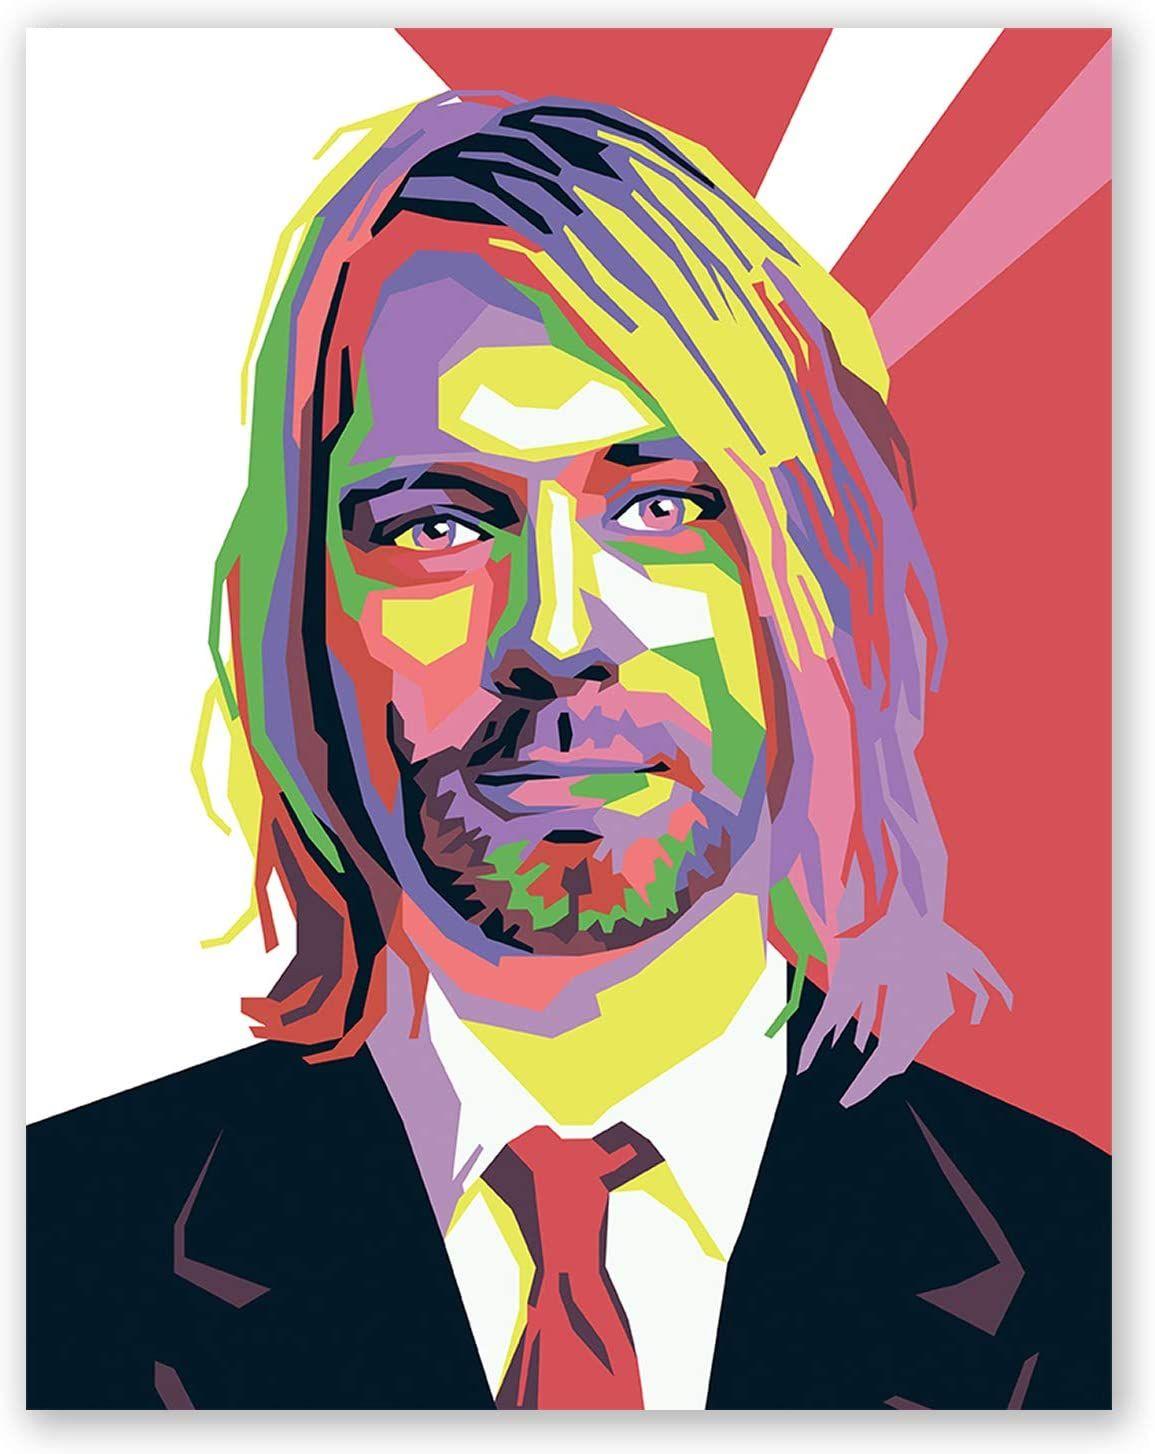 Kurt Cobain Poster Nirvana Rock Legend Print Pop Art Portrait Music Home Wall Decor Pop Art Portraits Pop Art Rock Legends